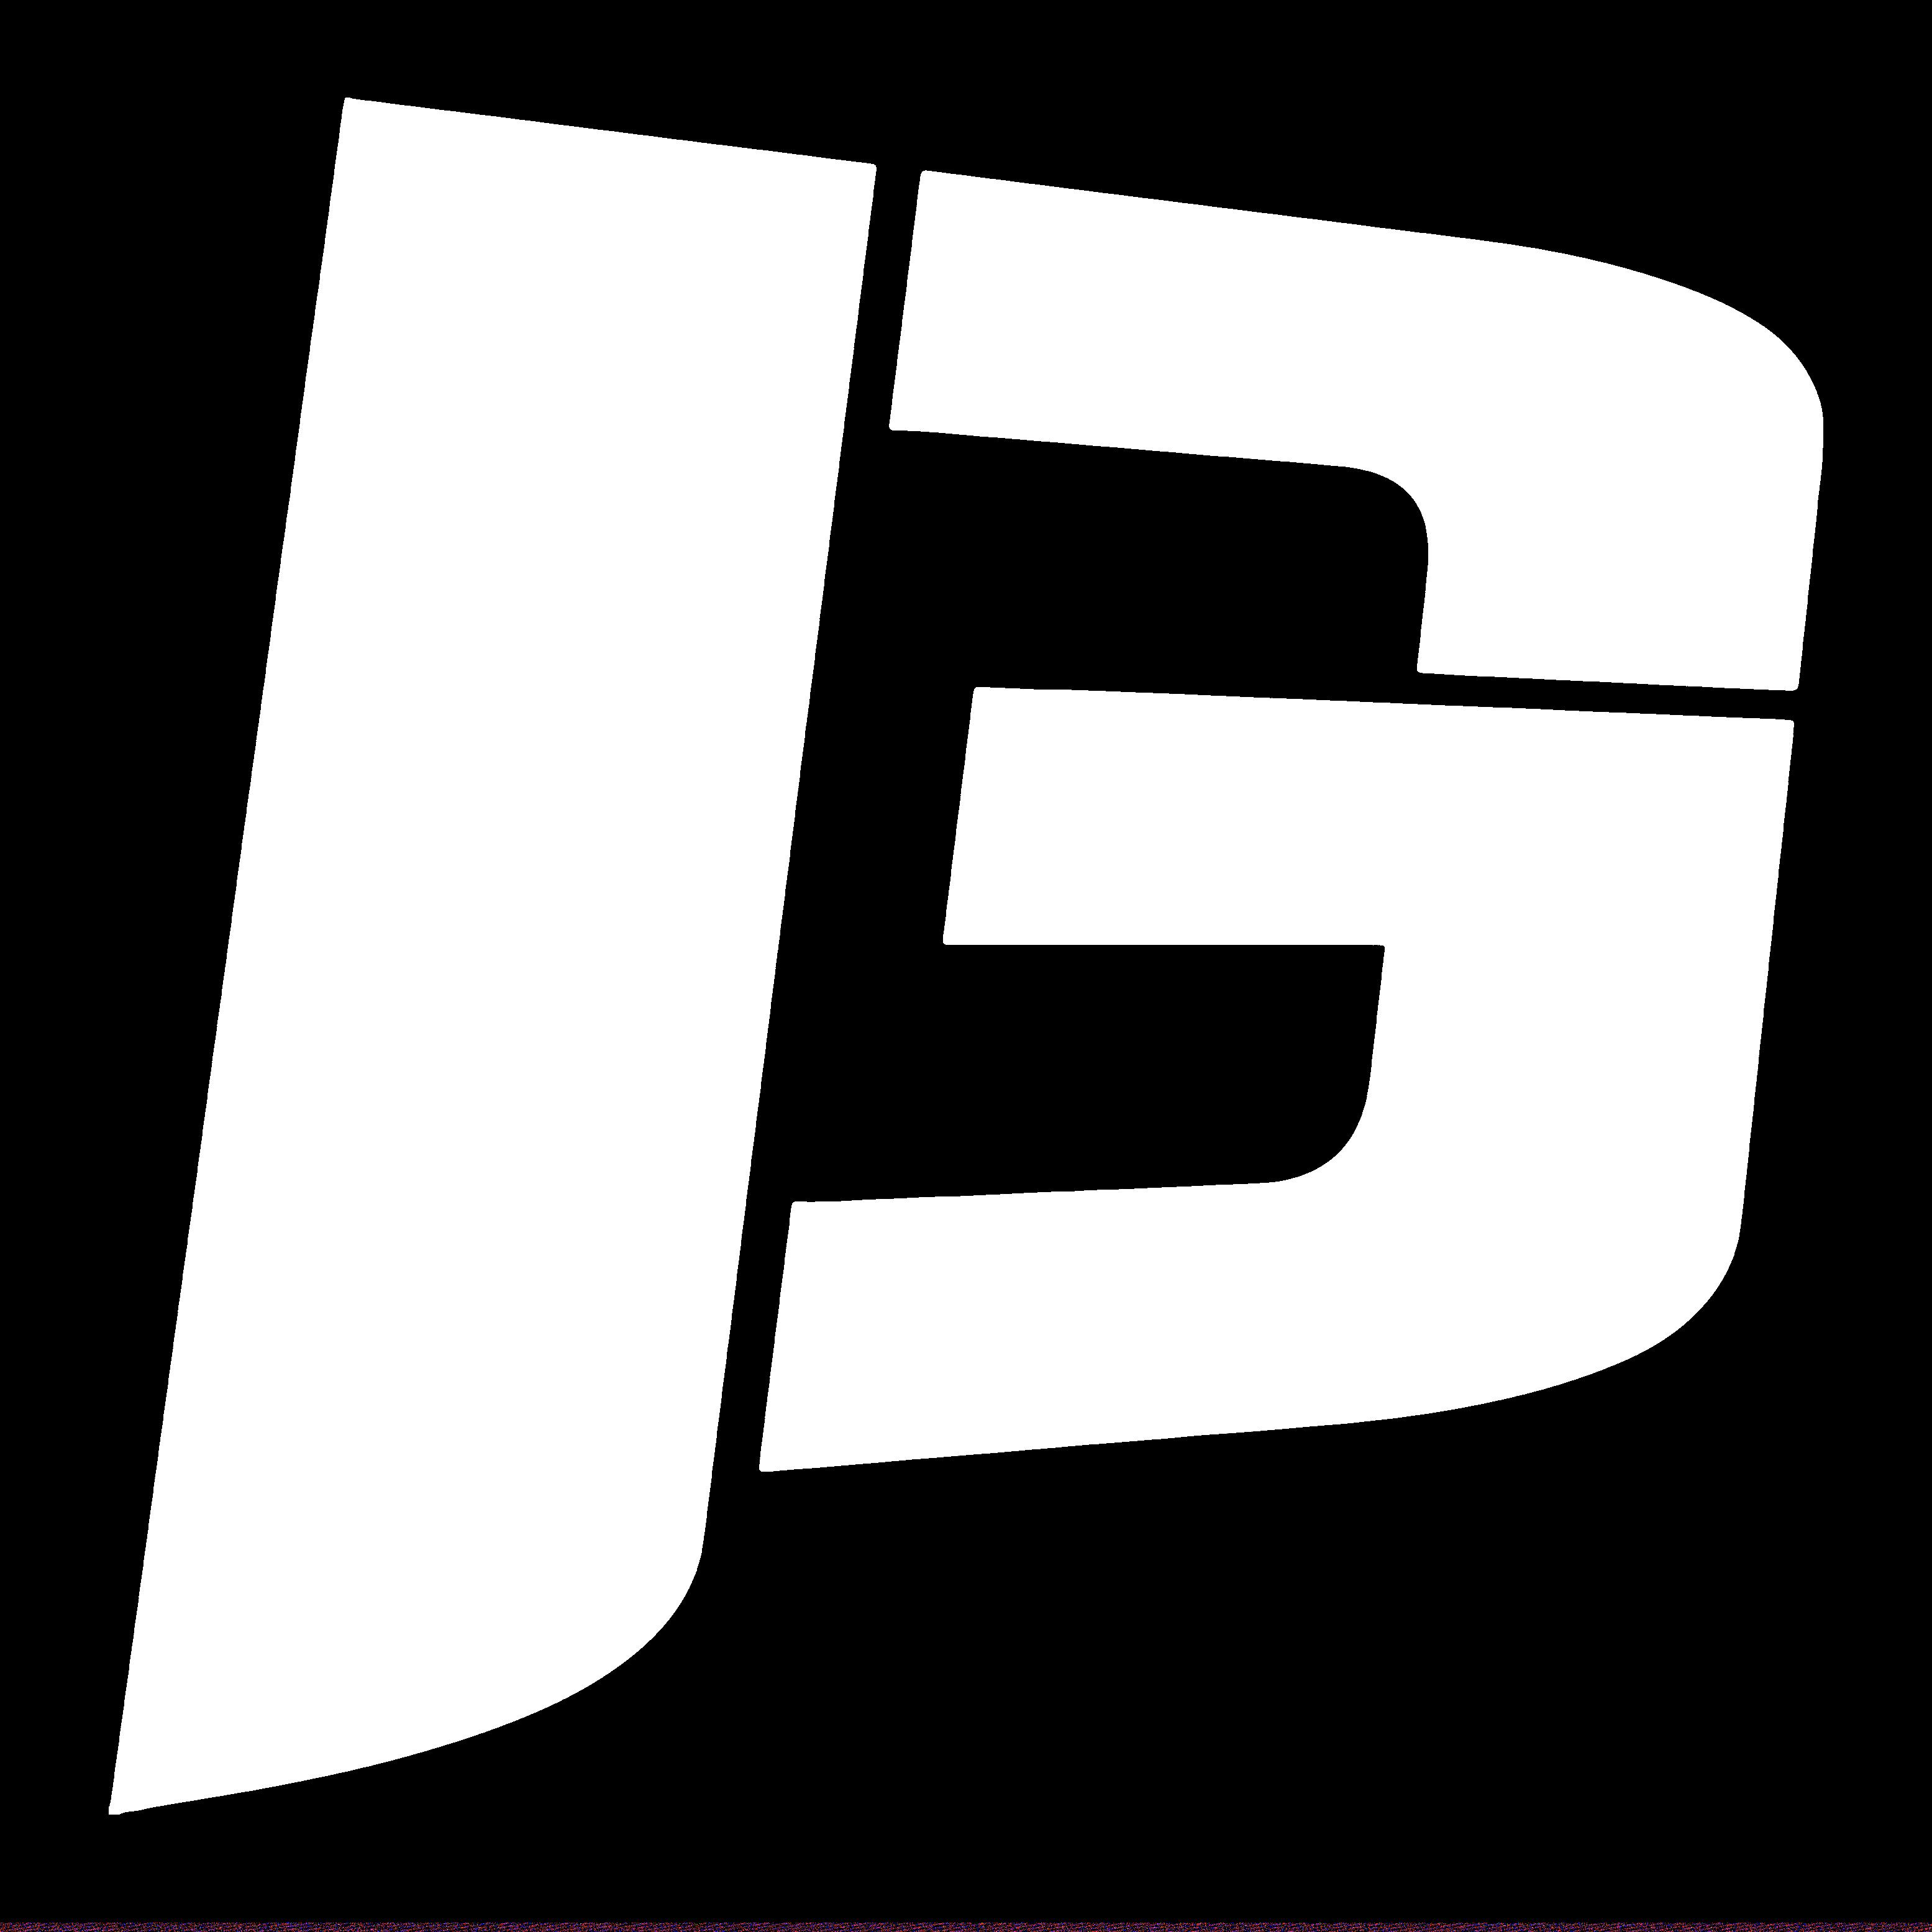 PeakGraphicz